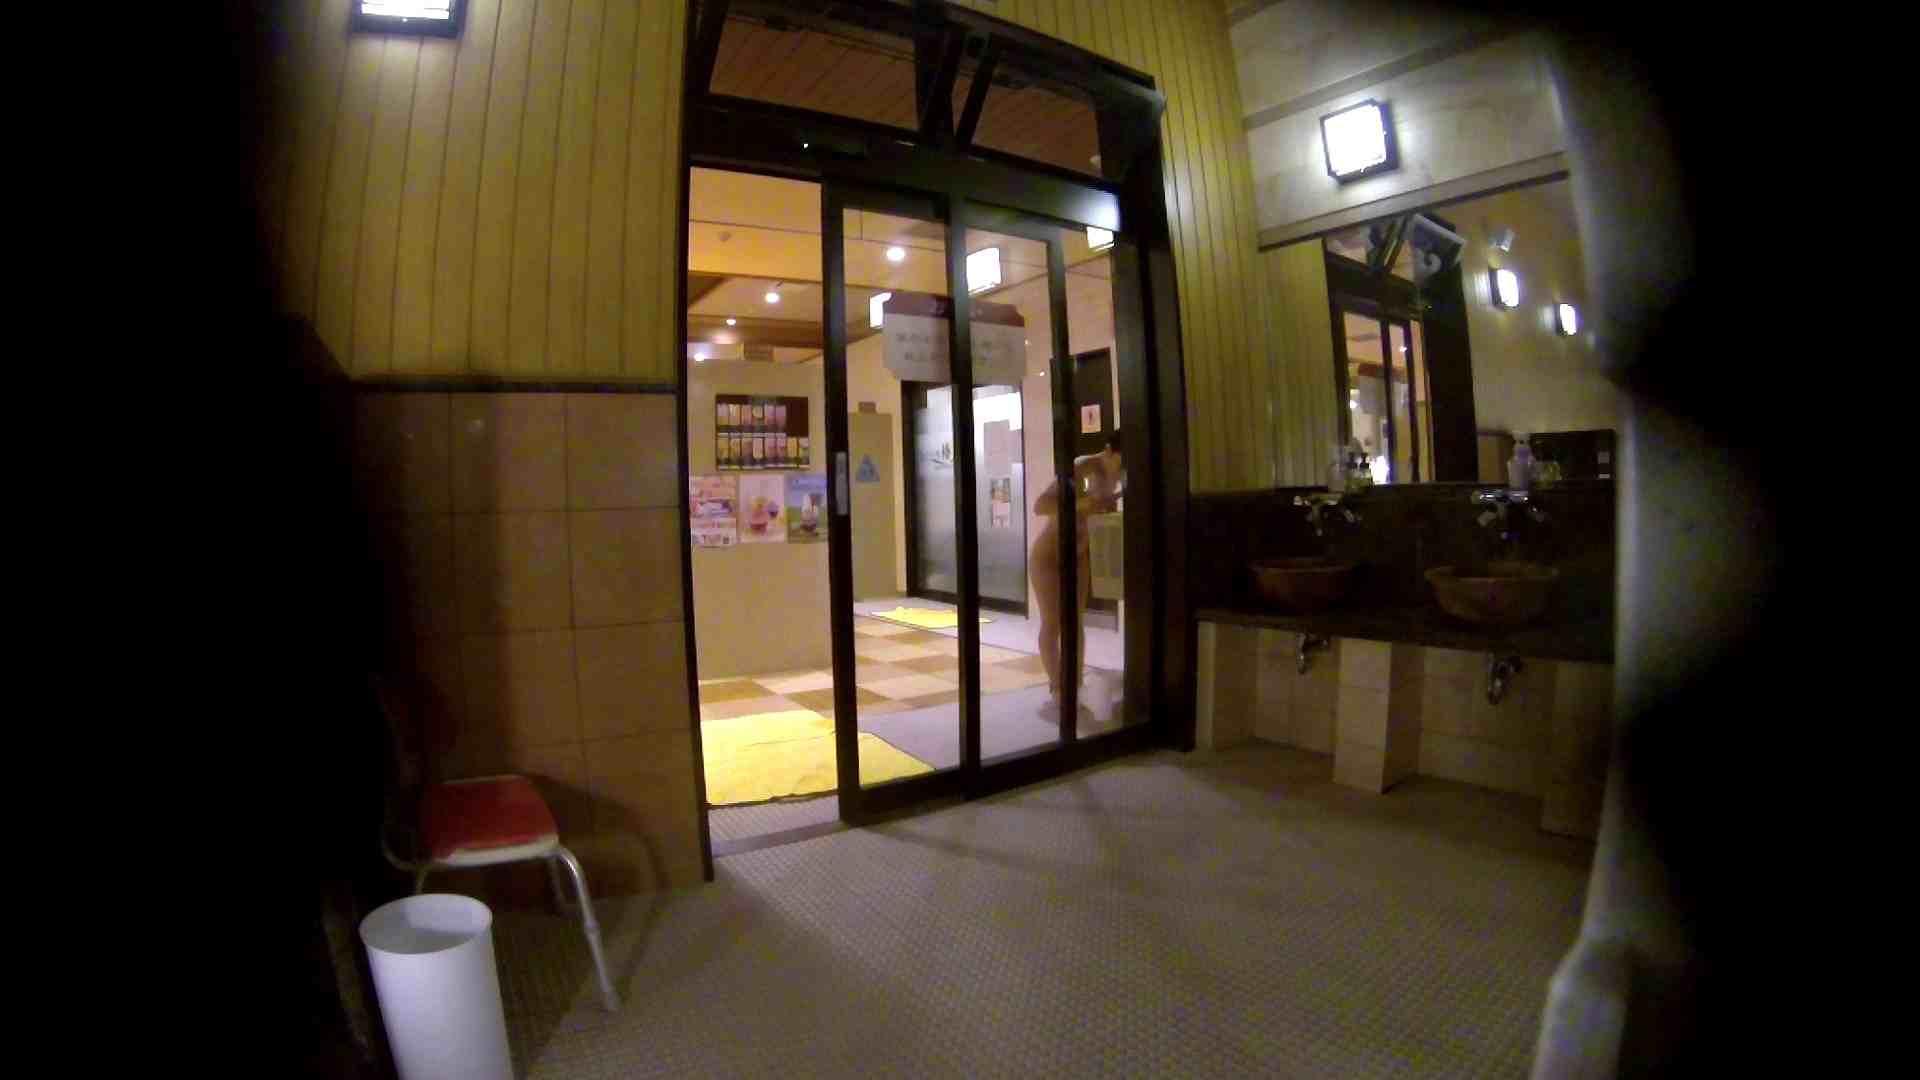 オムニバス!出入り口~シャワー~メイク室と移動。たくさんの女性が登場します 潜入 オメコ動画キャプチャ 92pic 35